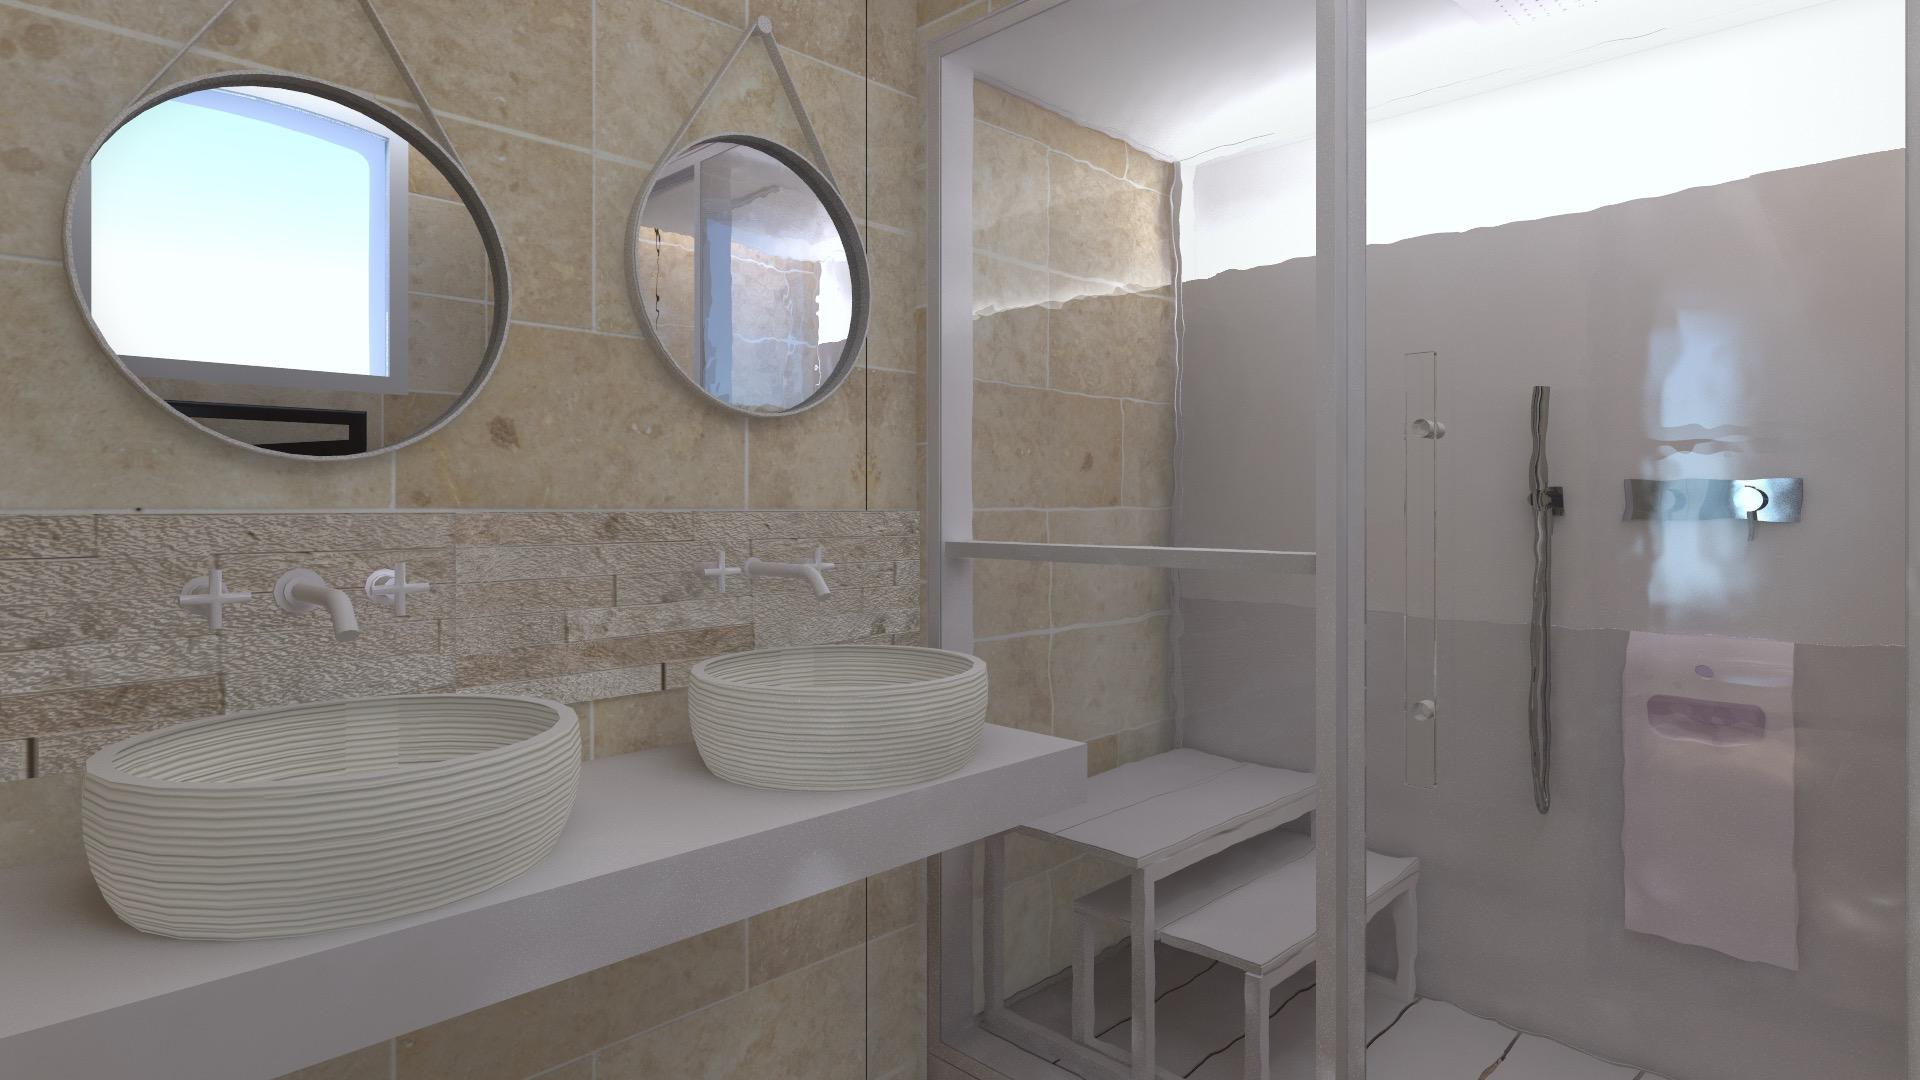 Salle de bain_1